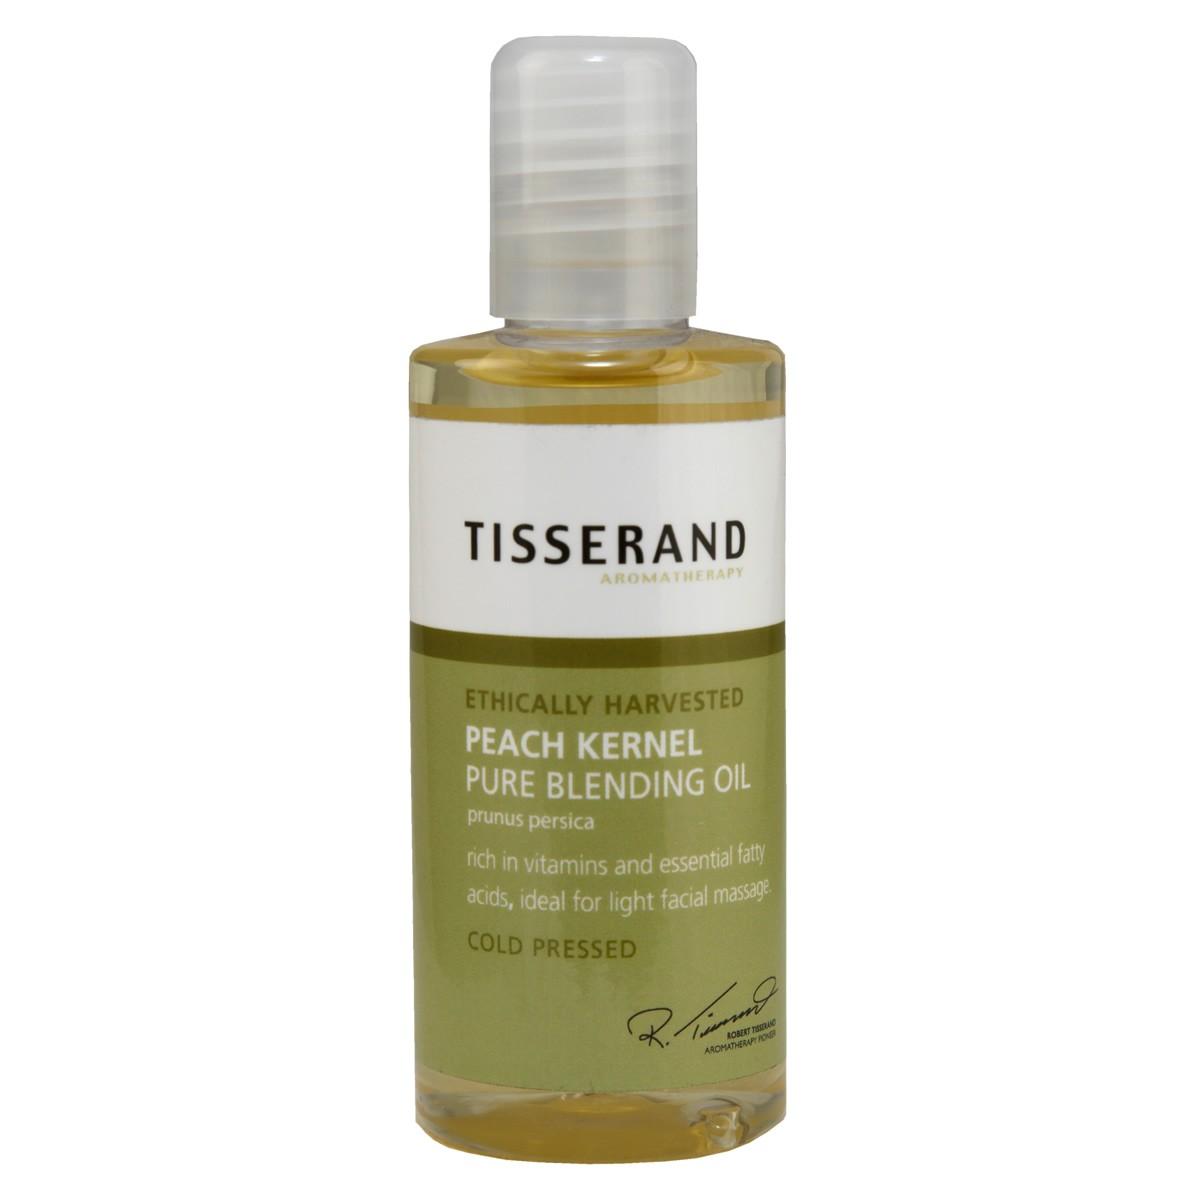 Tisserand Peach Kernel Ethically Harvested Pure Blending Oil